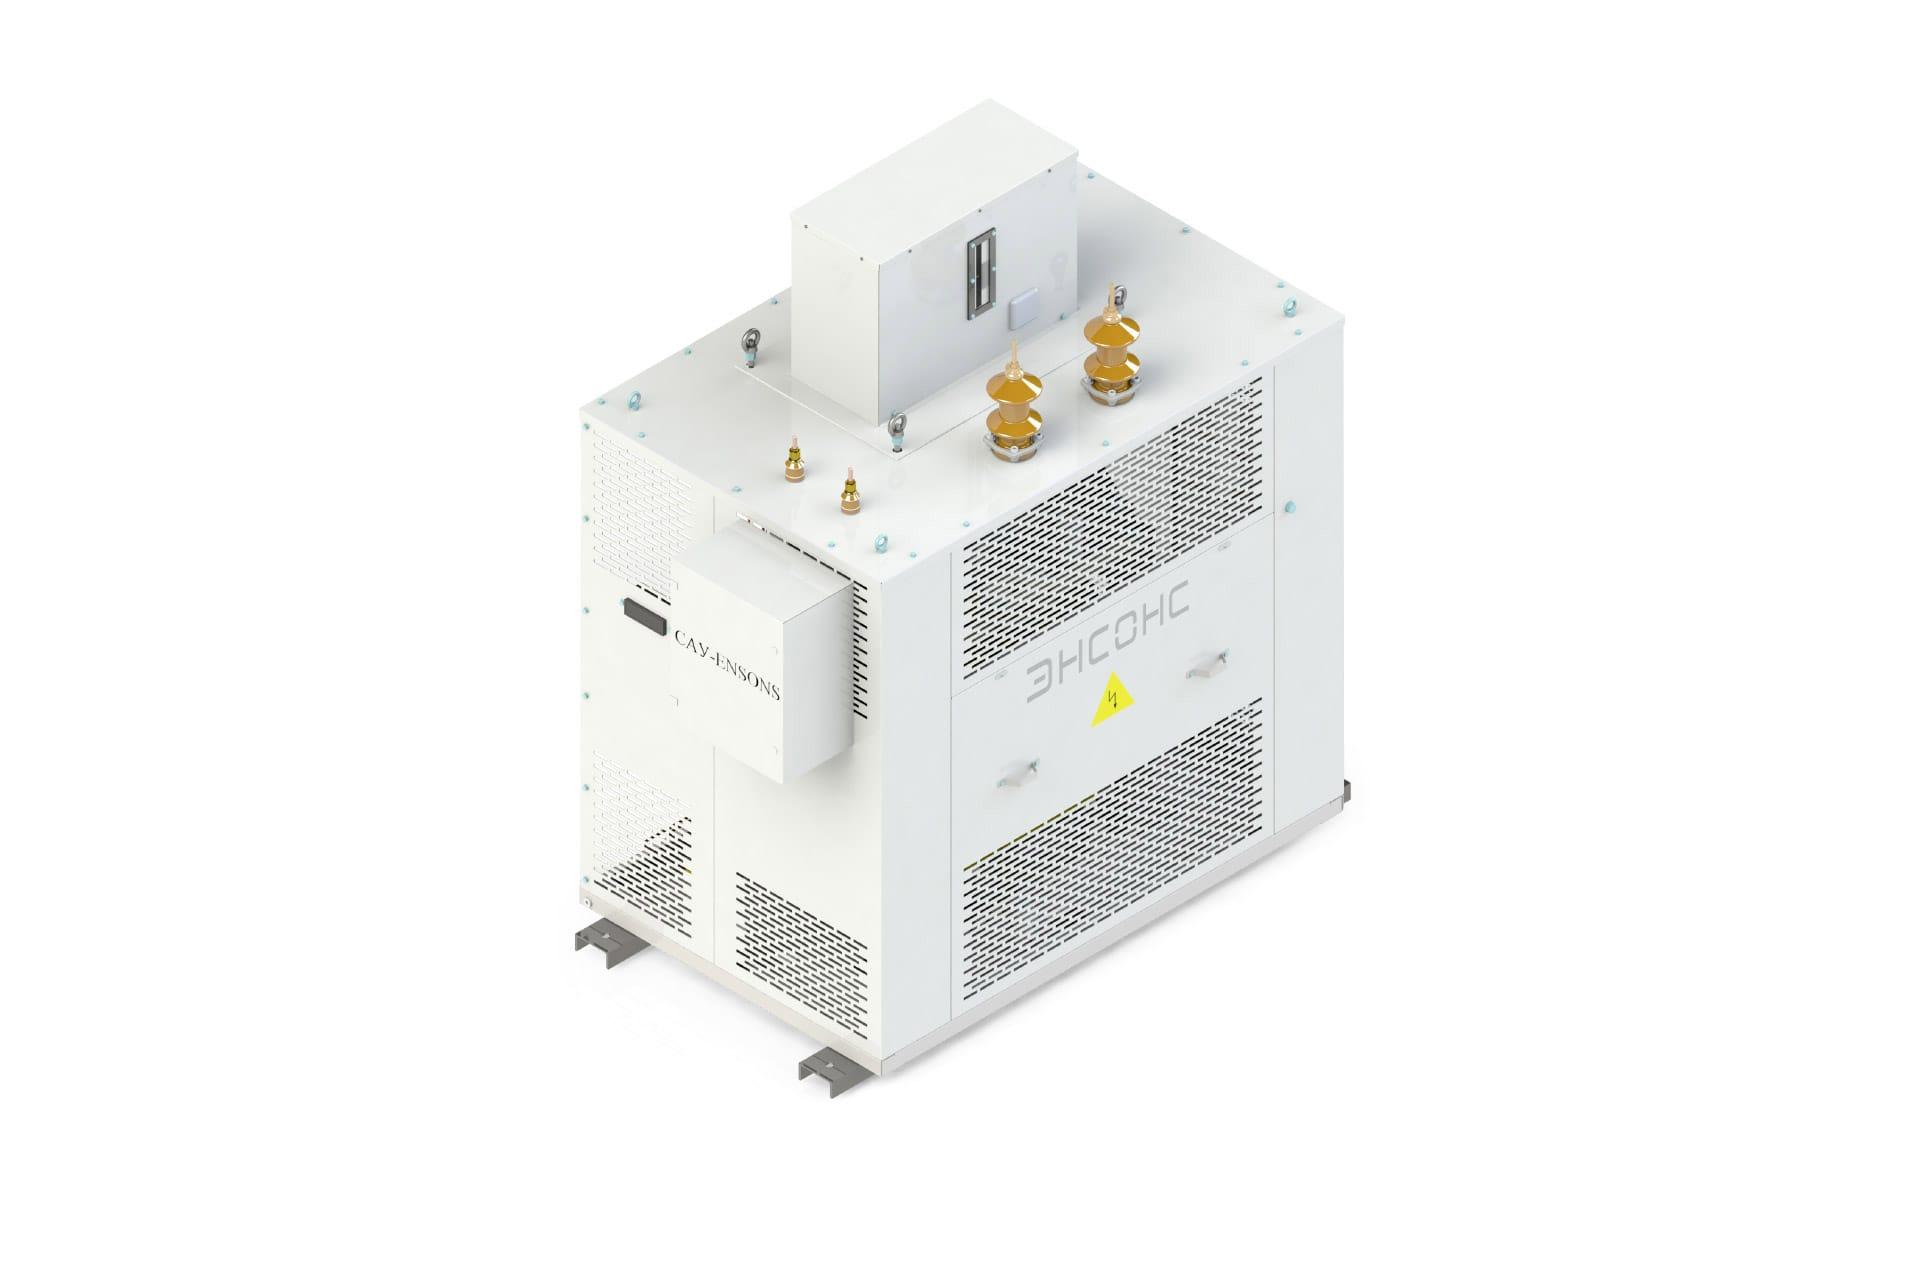 Ensons - Общий вид сухого дугогасящего реактора РЗДПОС (конструкторский рендер)